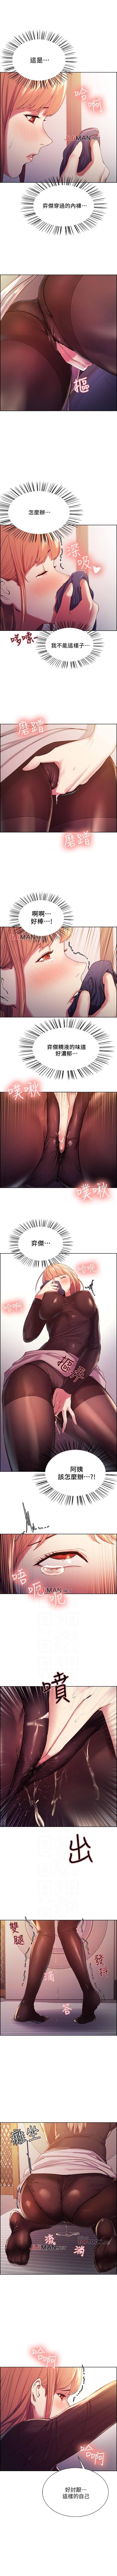 【周二连载】室友招募中(作者:Serious) 第1~13话 37